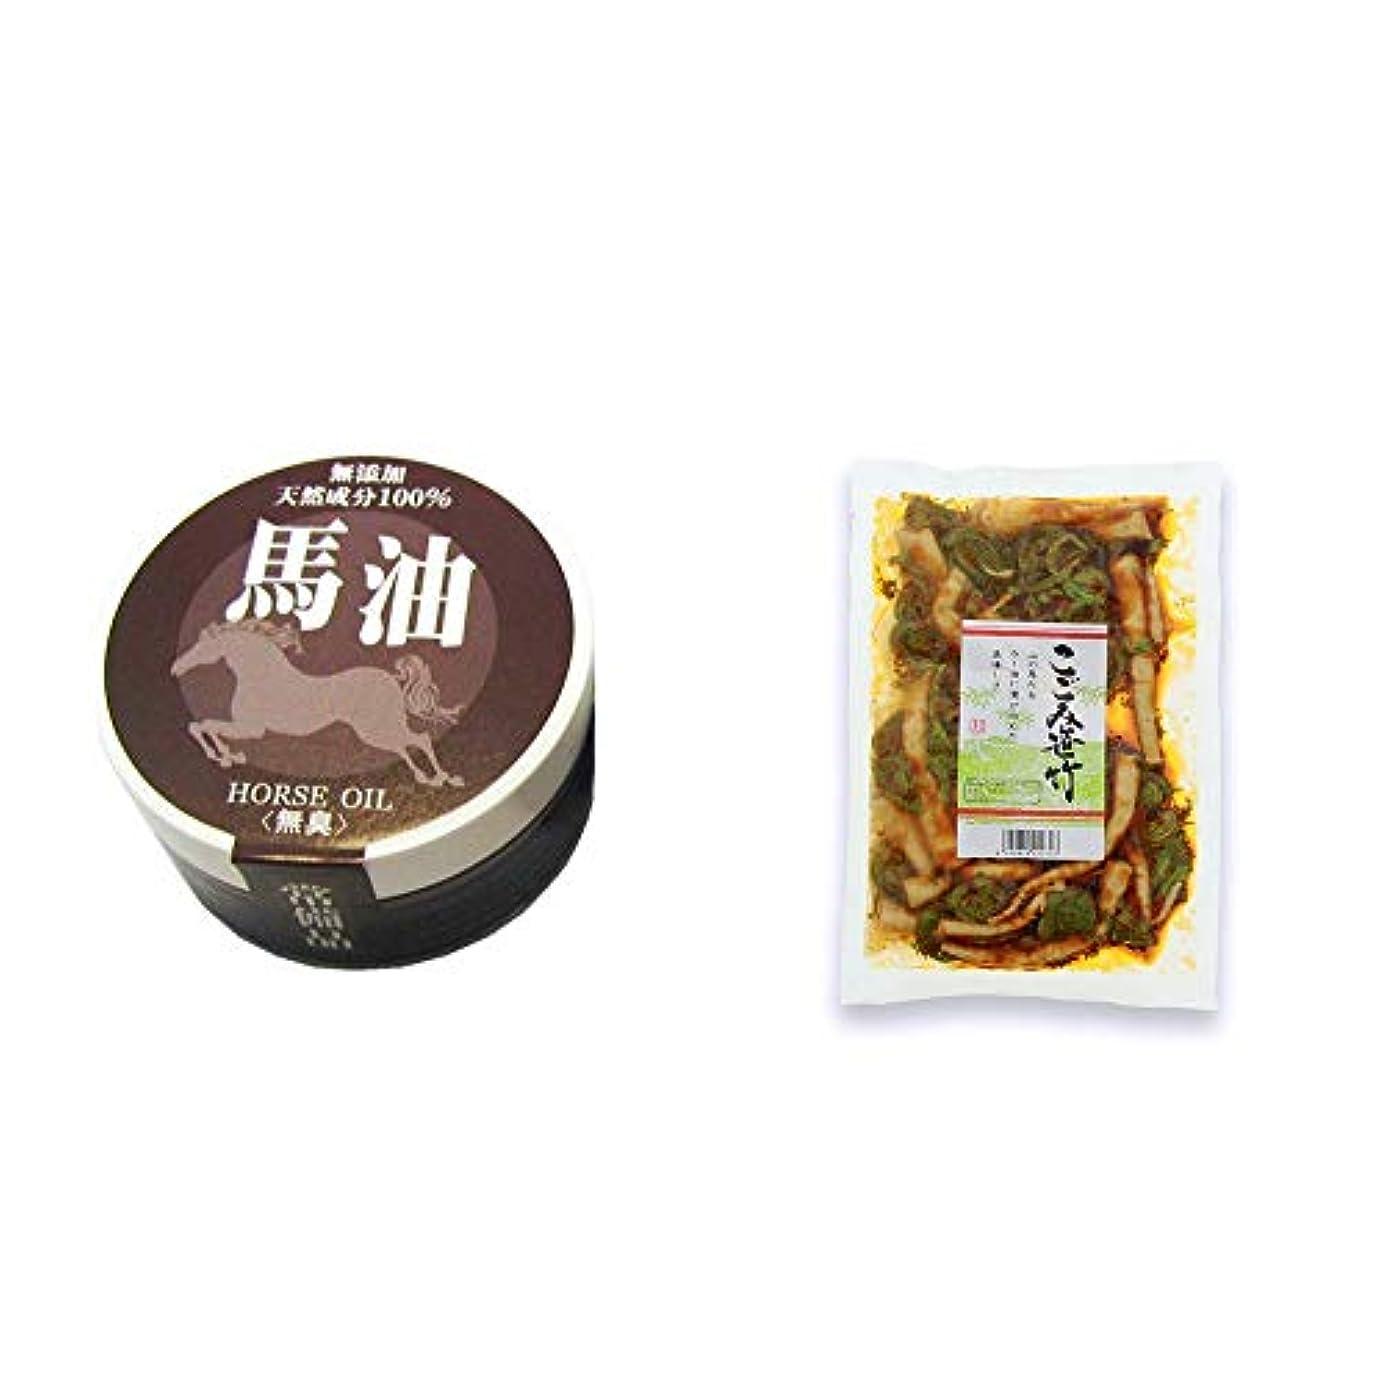 過敏なマーチャンダイジングチョップ[2点セット] 無添加天然成分100% 馬油[無香料](38g)?こごみ笹竹(250g)